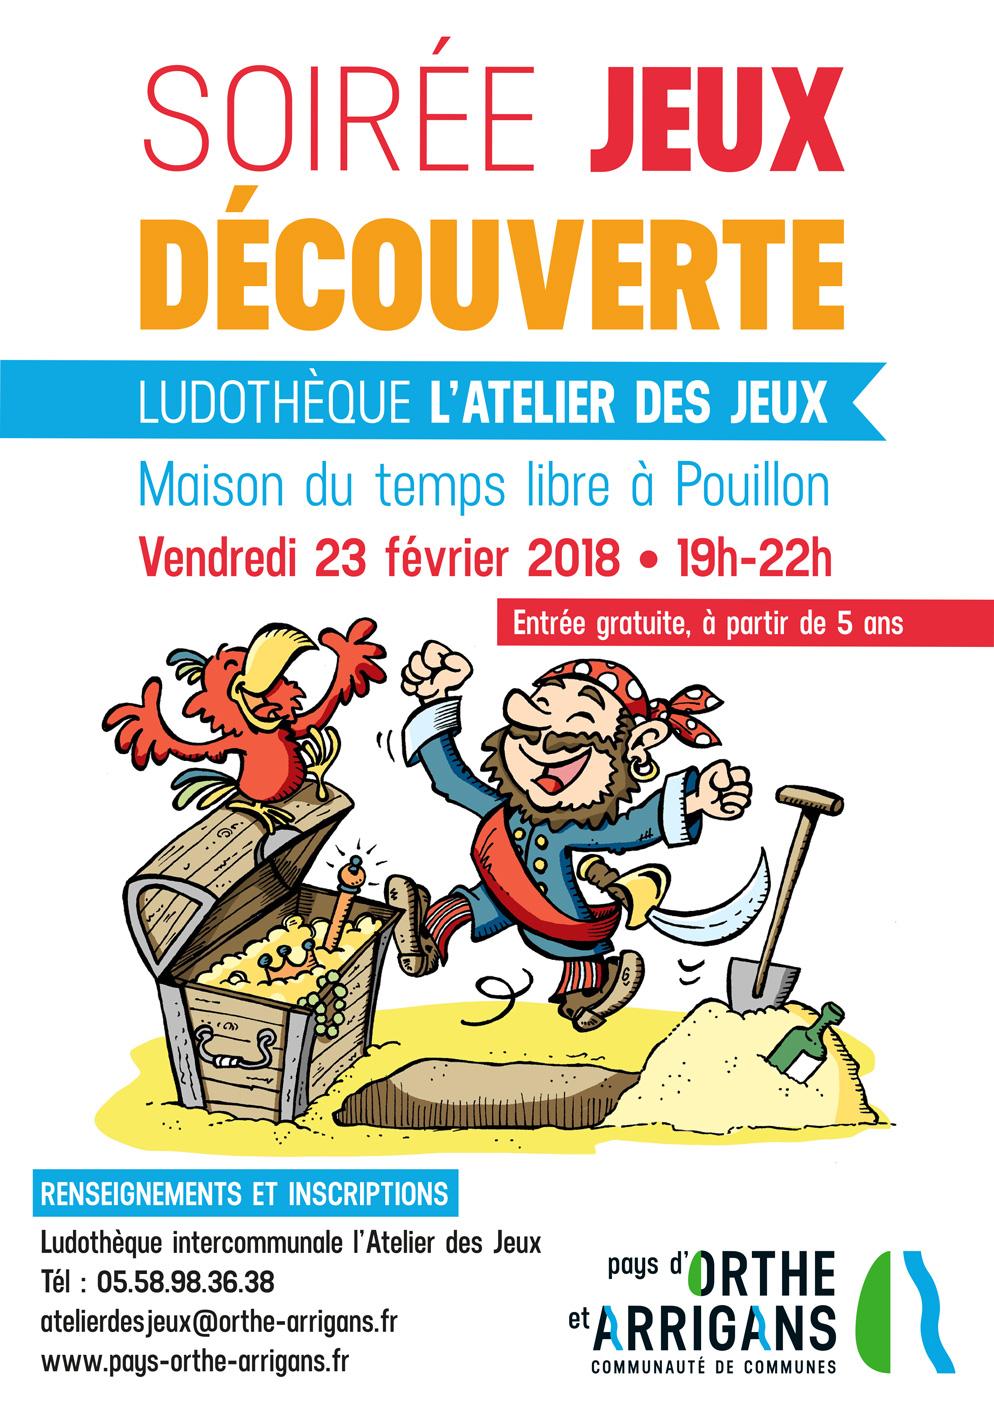 Soirée jeux découverte ludothèque à Pouillon